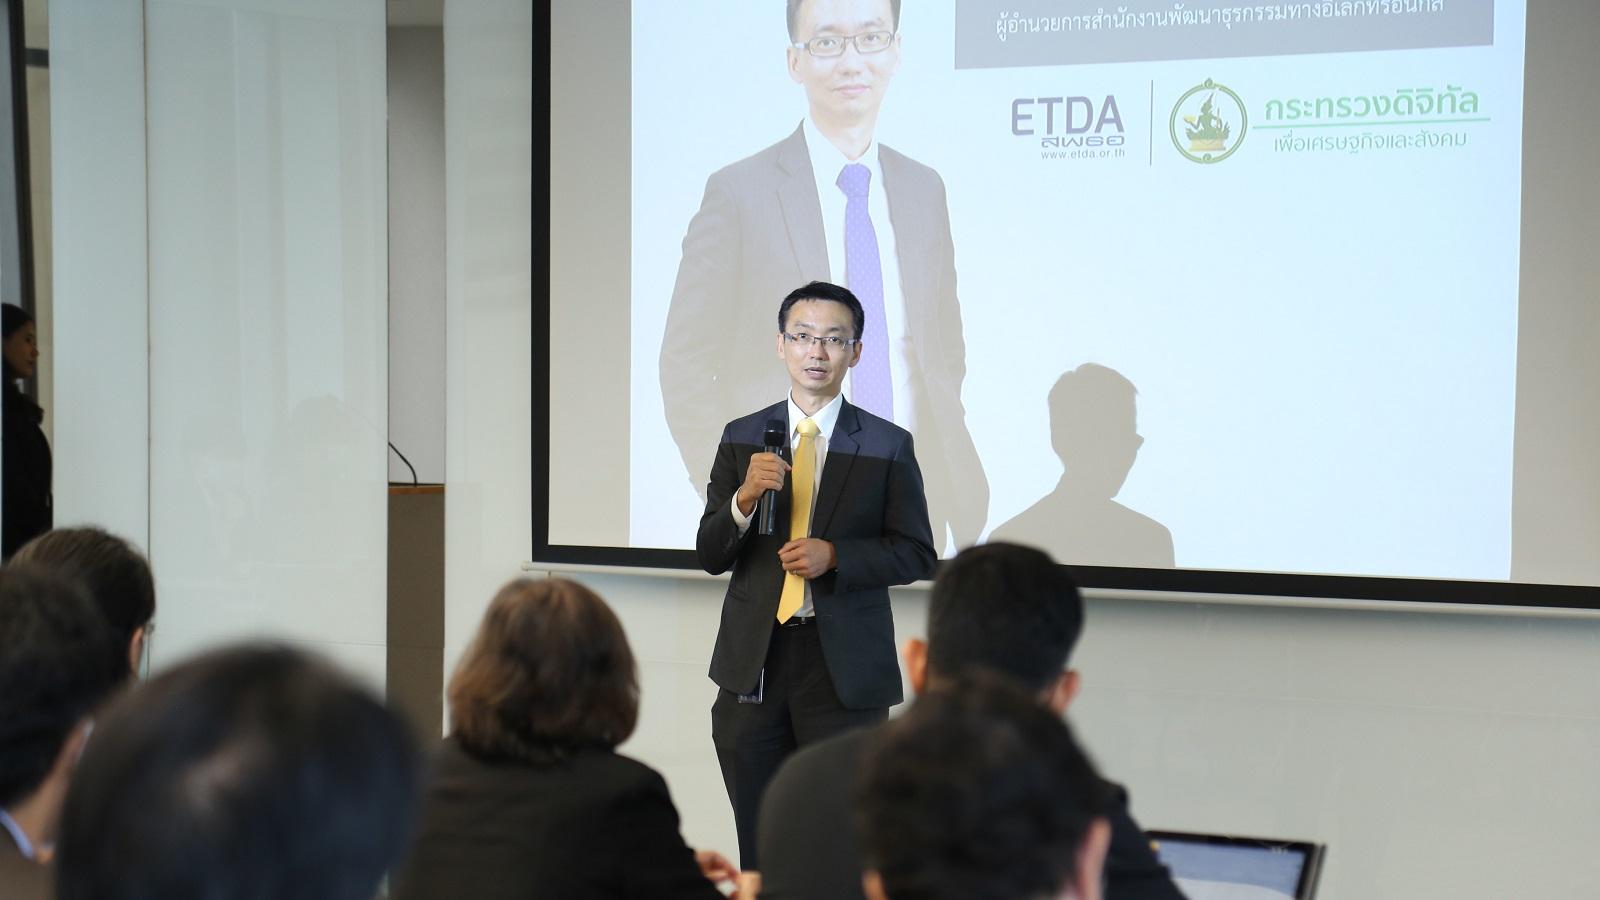 ETDA เชิญชวนหน่วยงานรัฐใช้เอกสารอิเล็กทรอนิกส์ ย้ำ! ข้อมูลอิเล็กทรอนิกส์ ใช้ได้ตามกฎหมาย